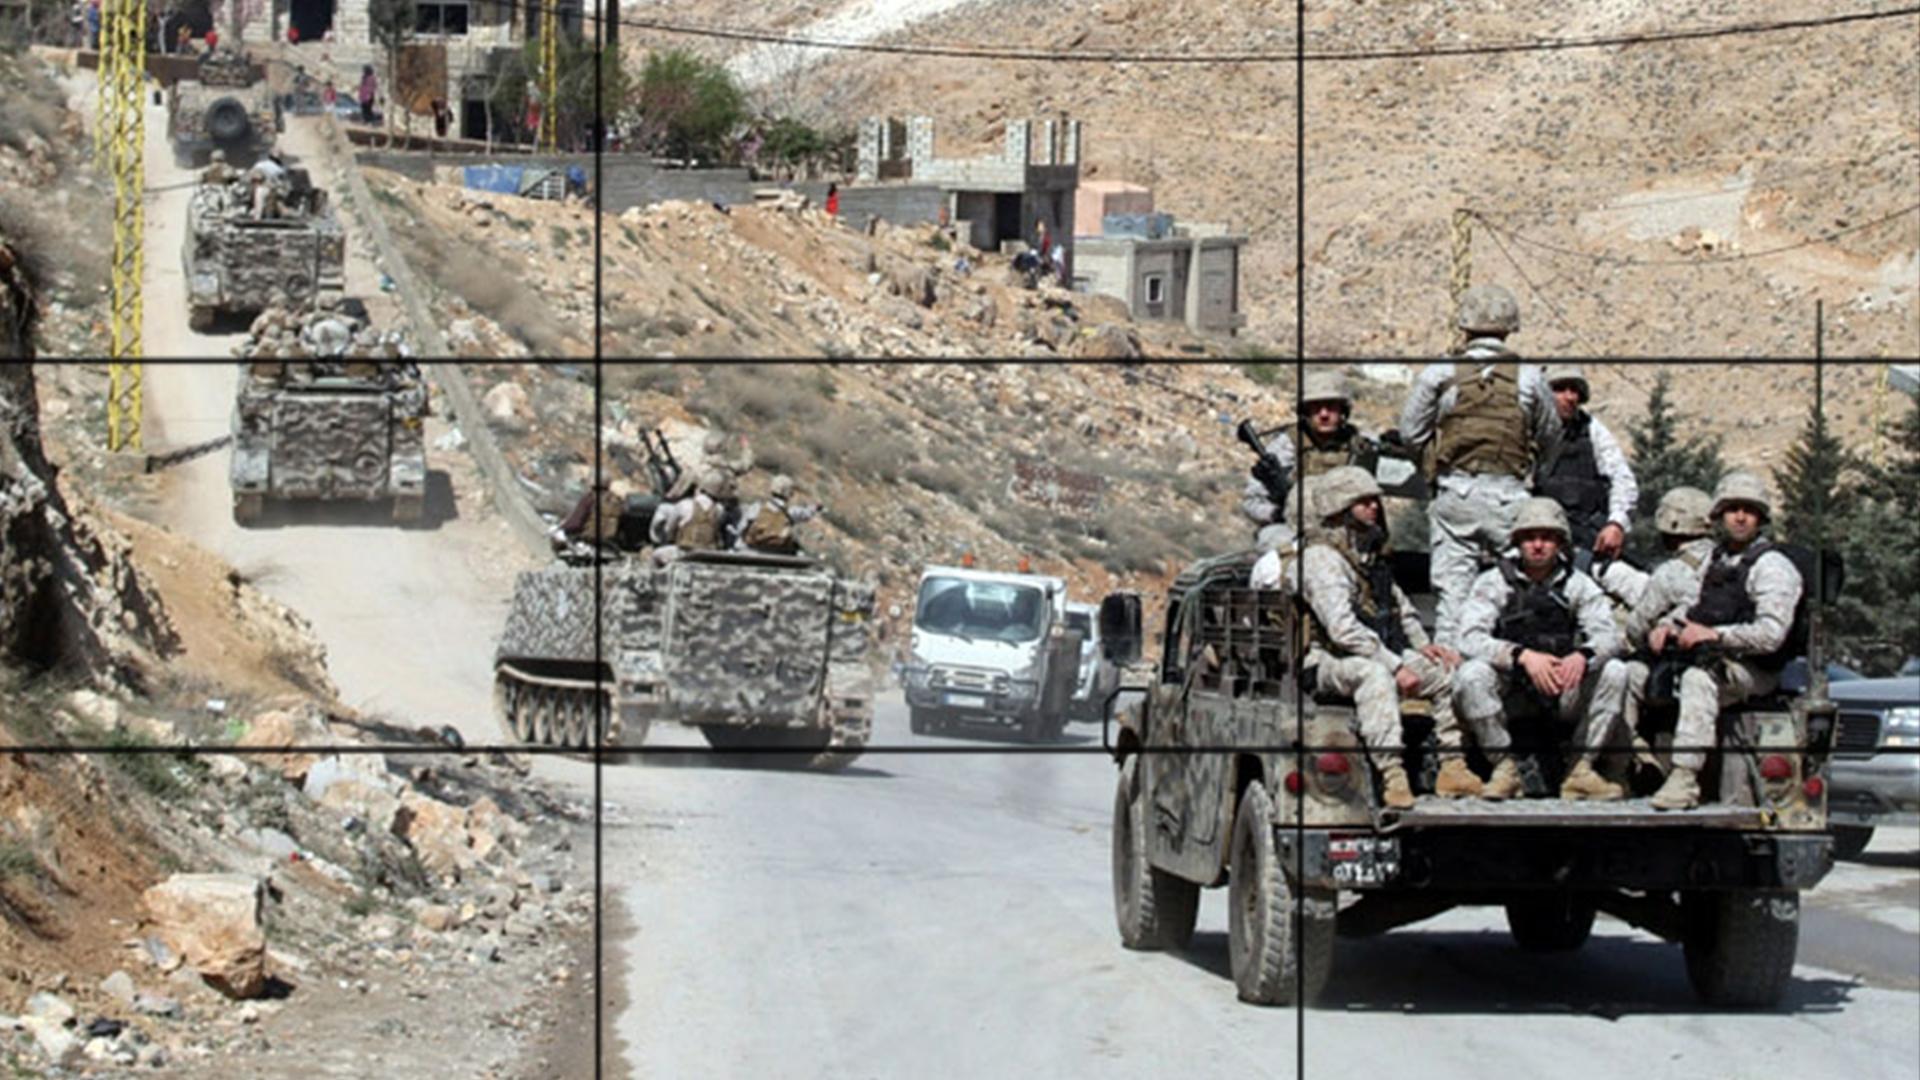 صورة الجيش السوري يسيطر بالكامل على معبر الحمرا القصير بجرود عرسال